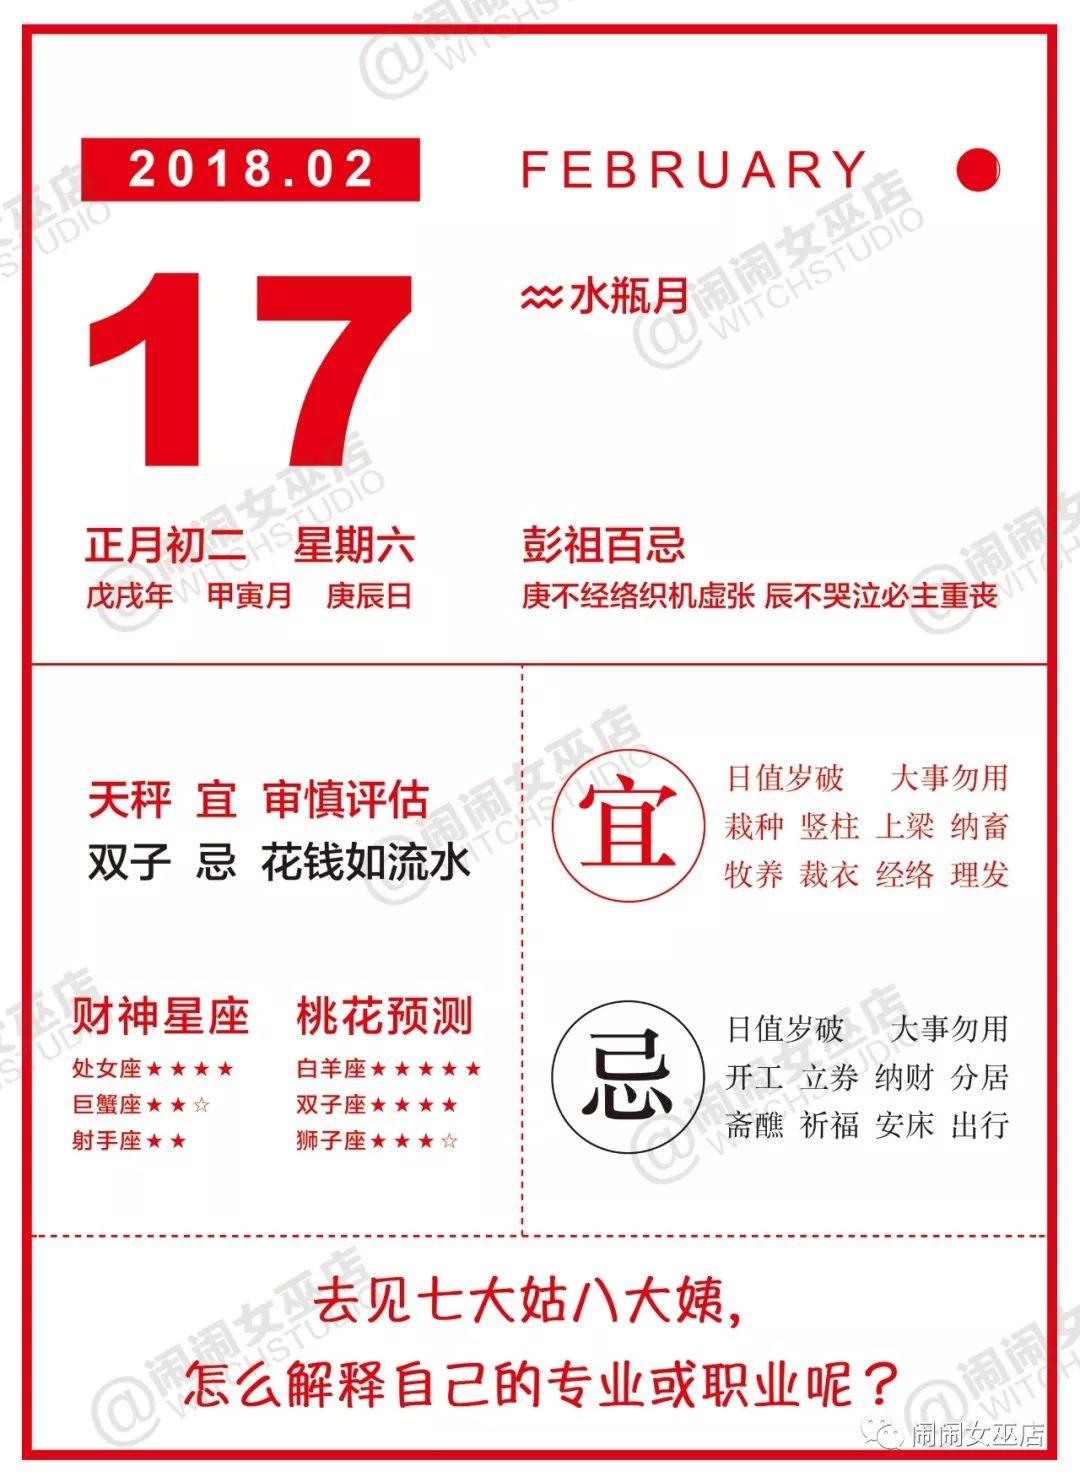 星历0217:宜写下去见七大姑八大姨时怎么解释你的专业&职业